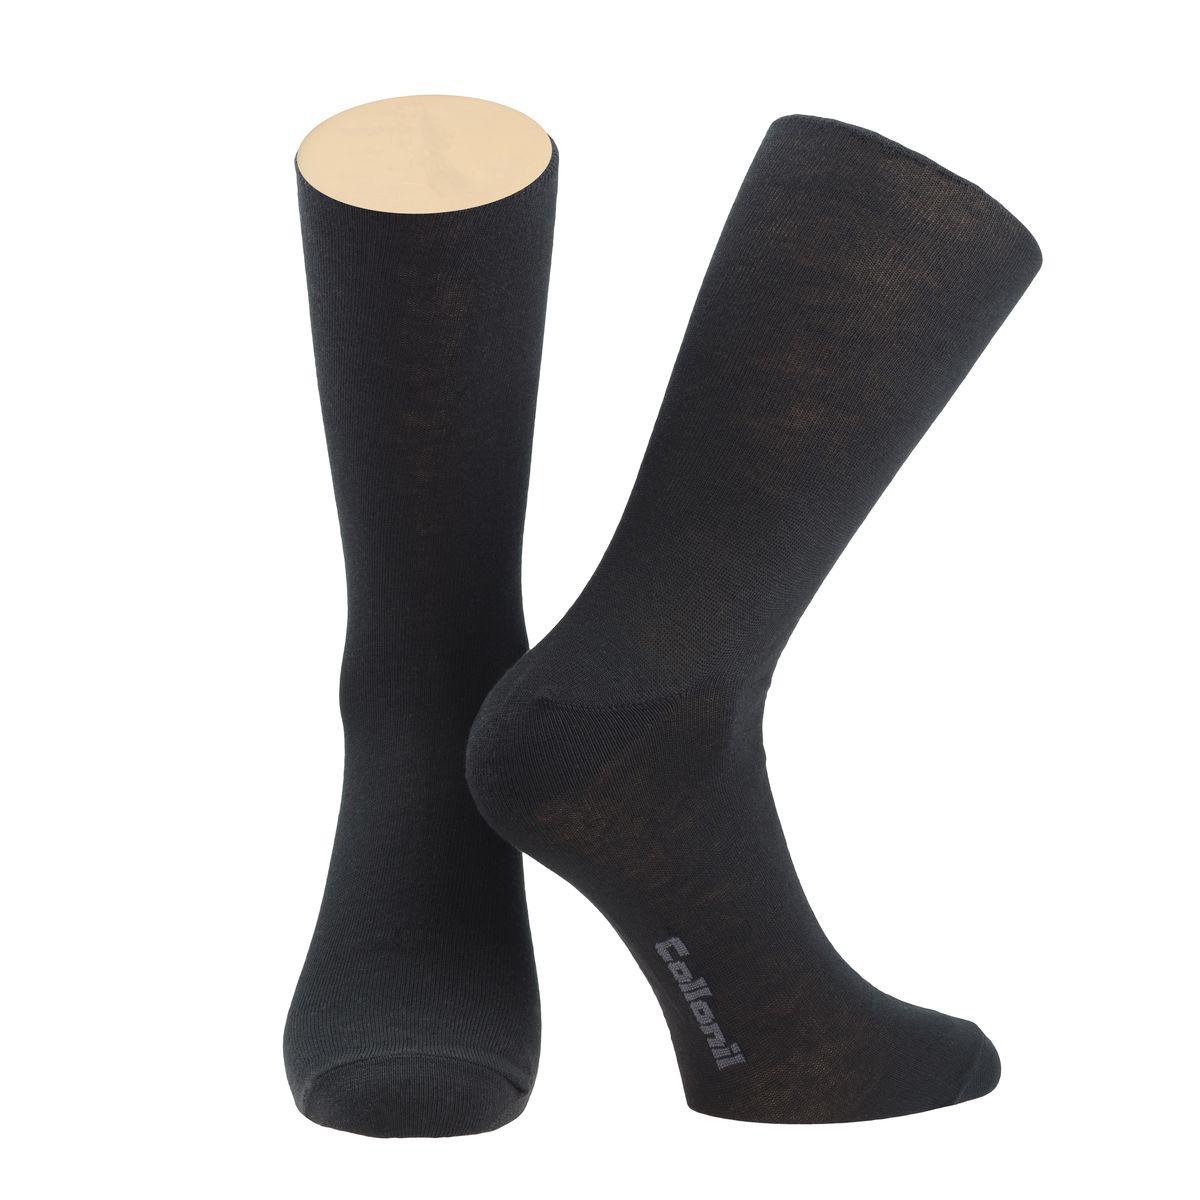 НоскиCE3-44/01Носки Collonil изготовлены из натурального хлопка с добавлением шерсти и эластана, удобных и приятных при носке. Эластичная резинка плотно облегает ногу, не сдавливая ее, обеспечивая комфорт и удобство.